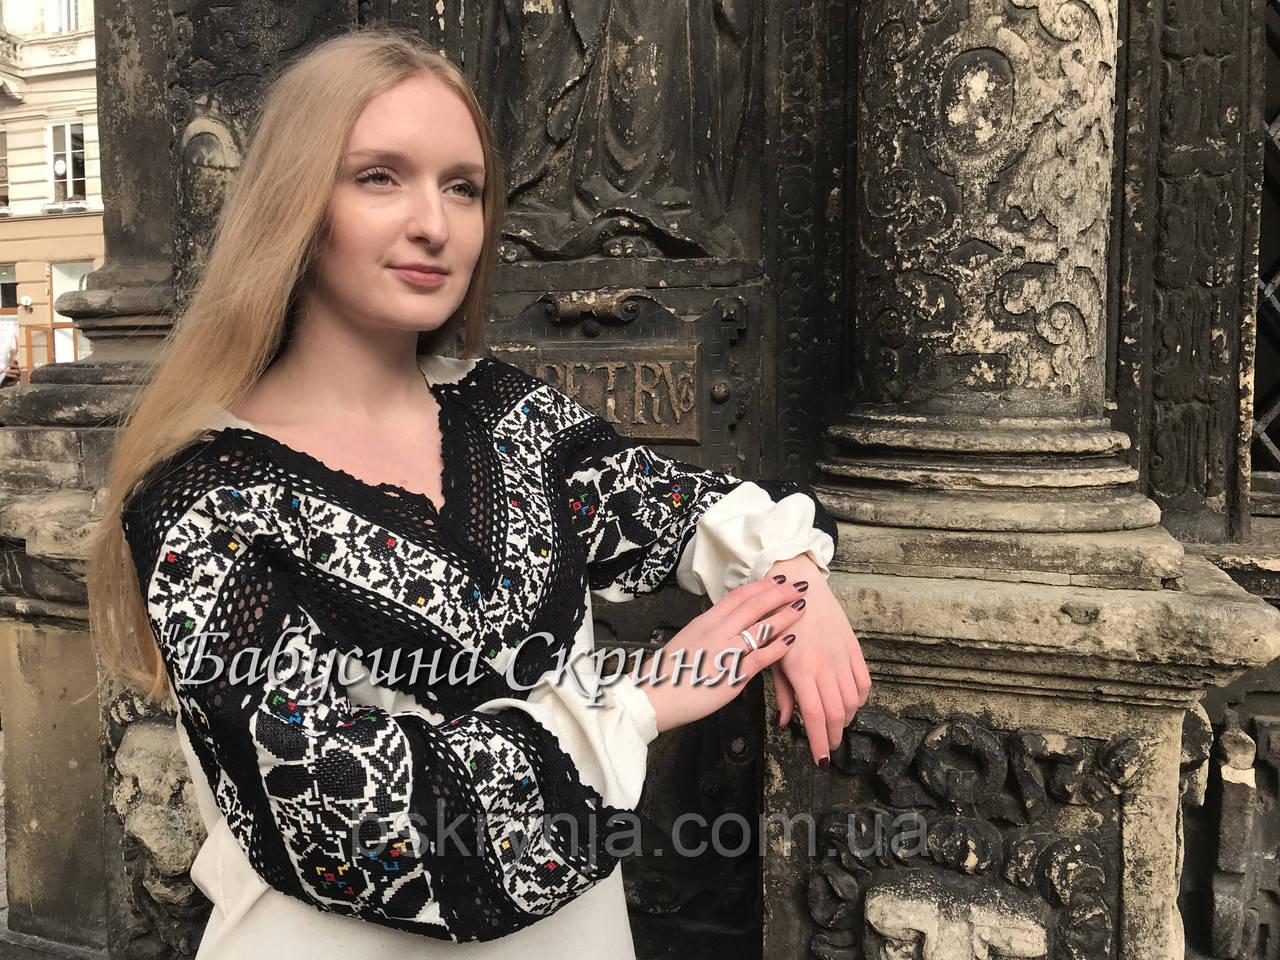 Сорочка Борщівська вишита жіноча.Вишиванка жіноча МВ-126-1